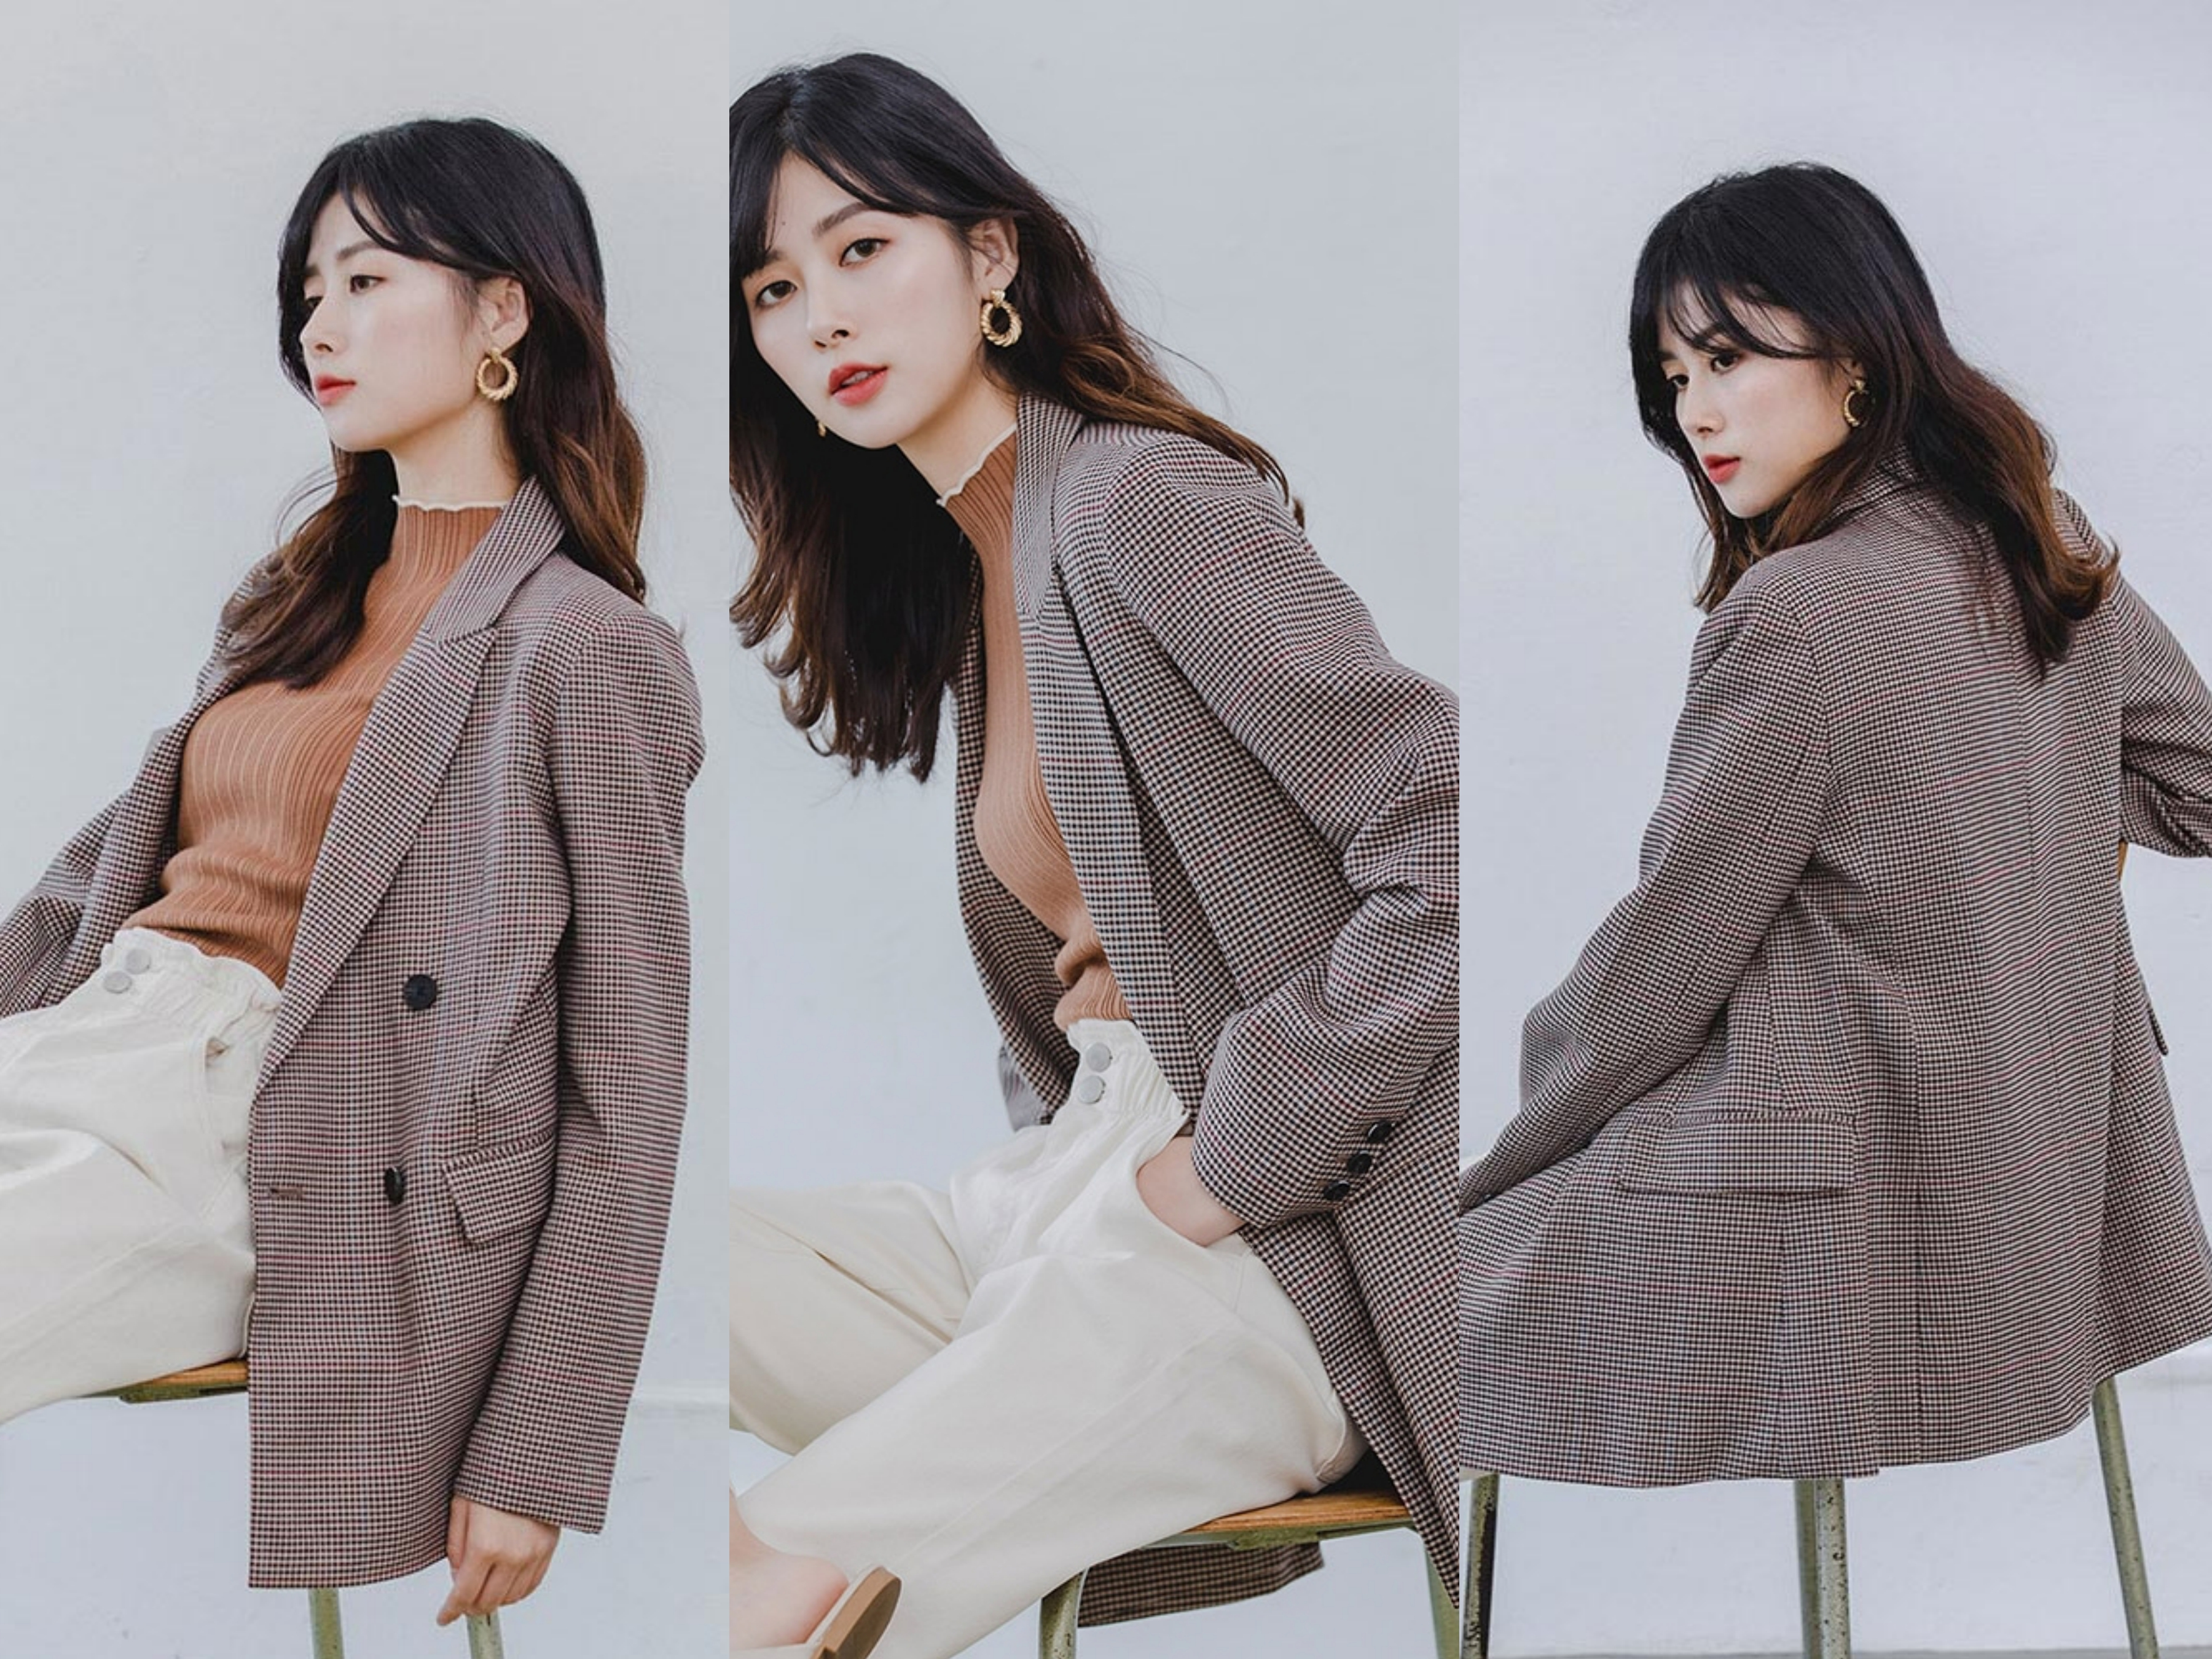 秋冬衣櫃一定要有經典西裝外套,簡約格紋配色展現特色不單調